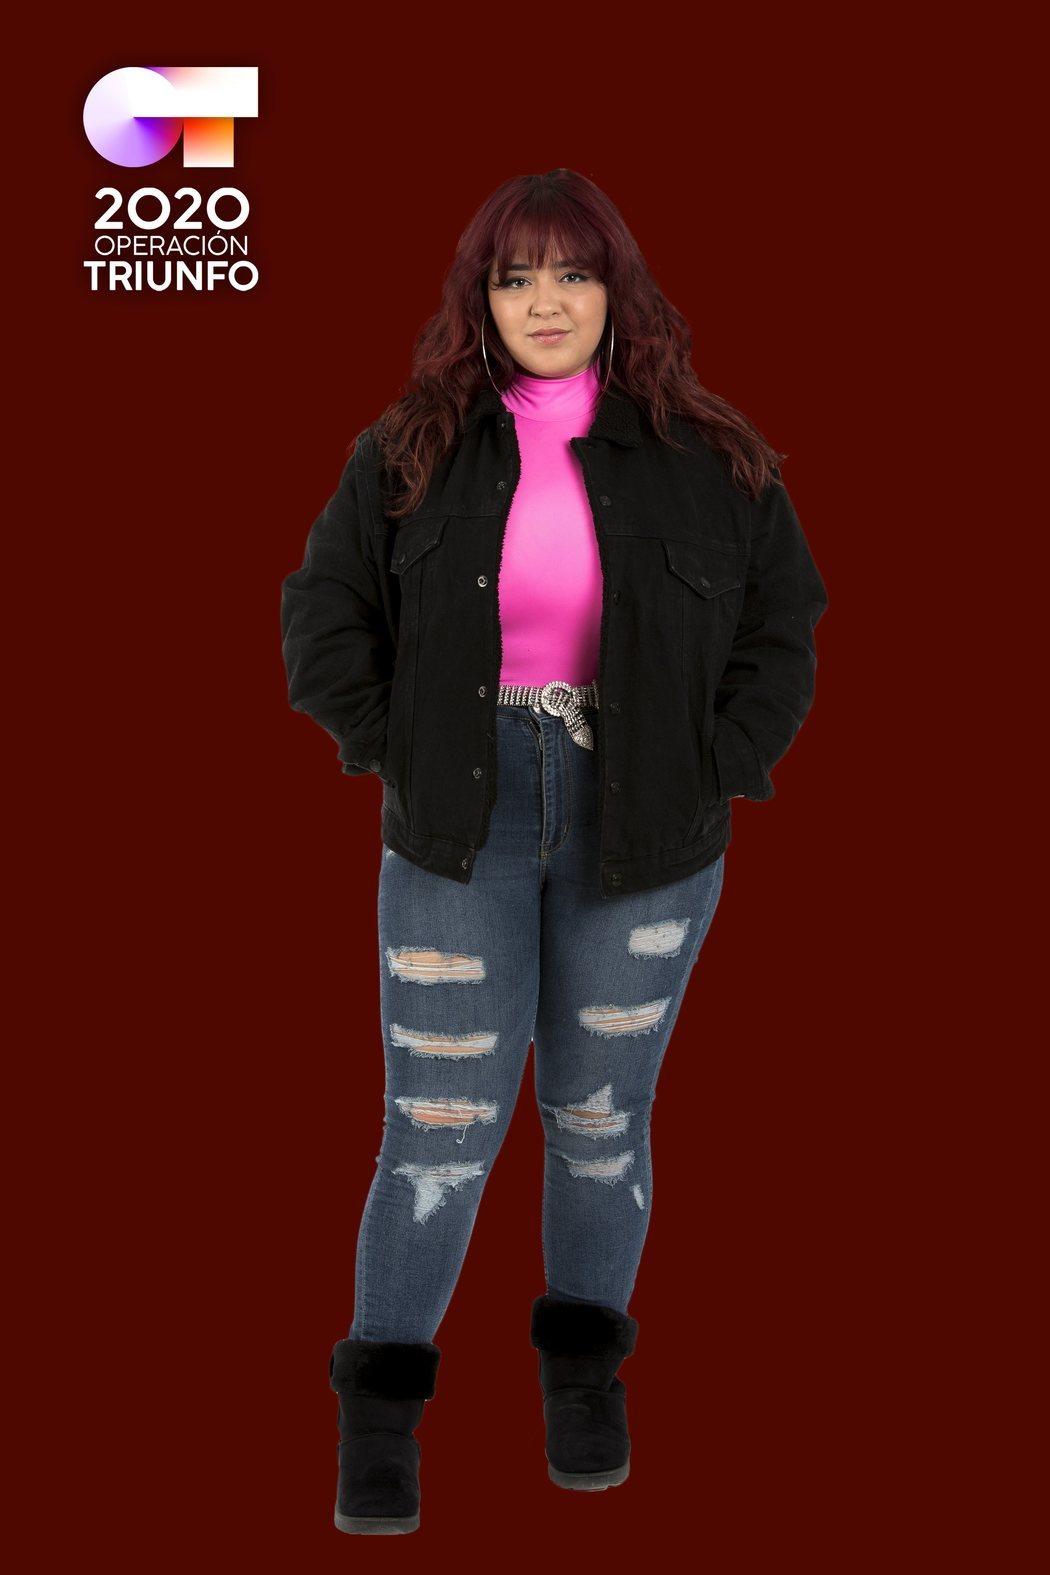 Posado de Ariadna Tortosa, concursante de 'OT 2020'